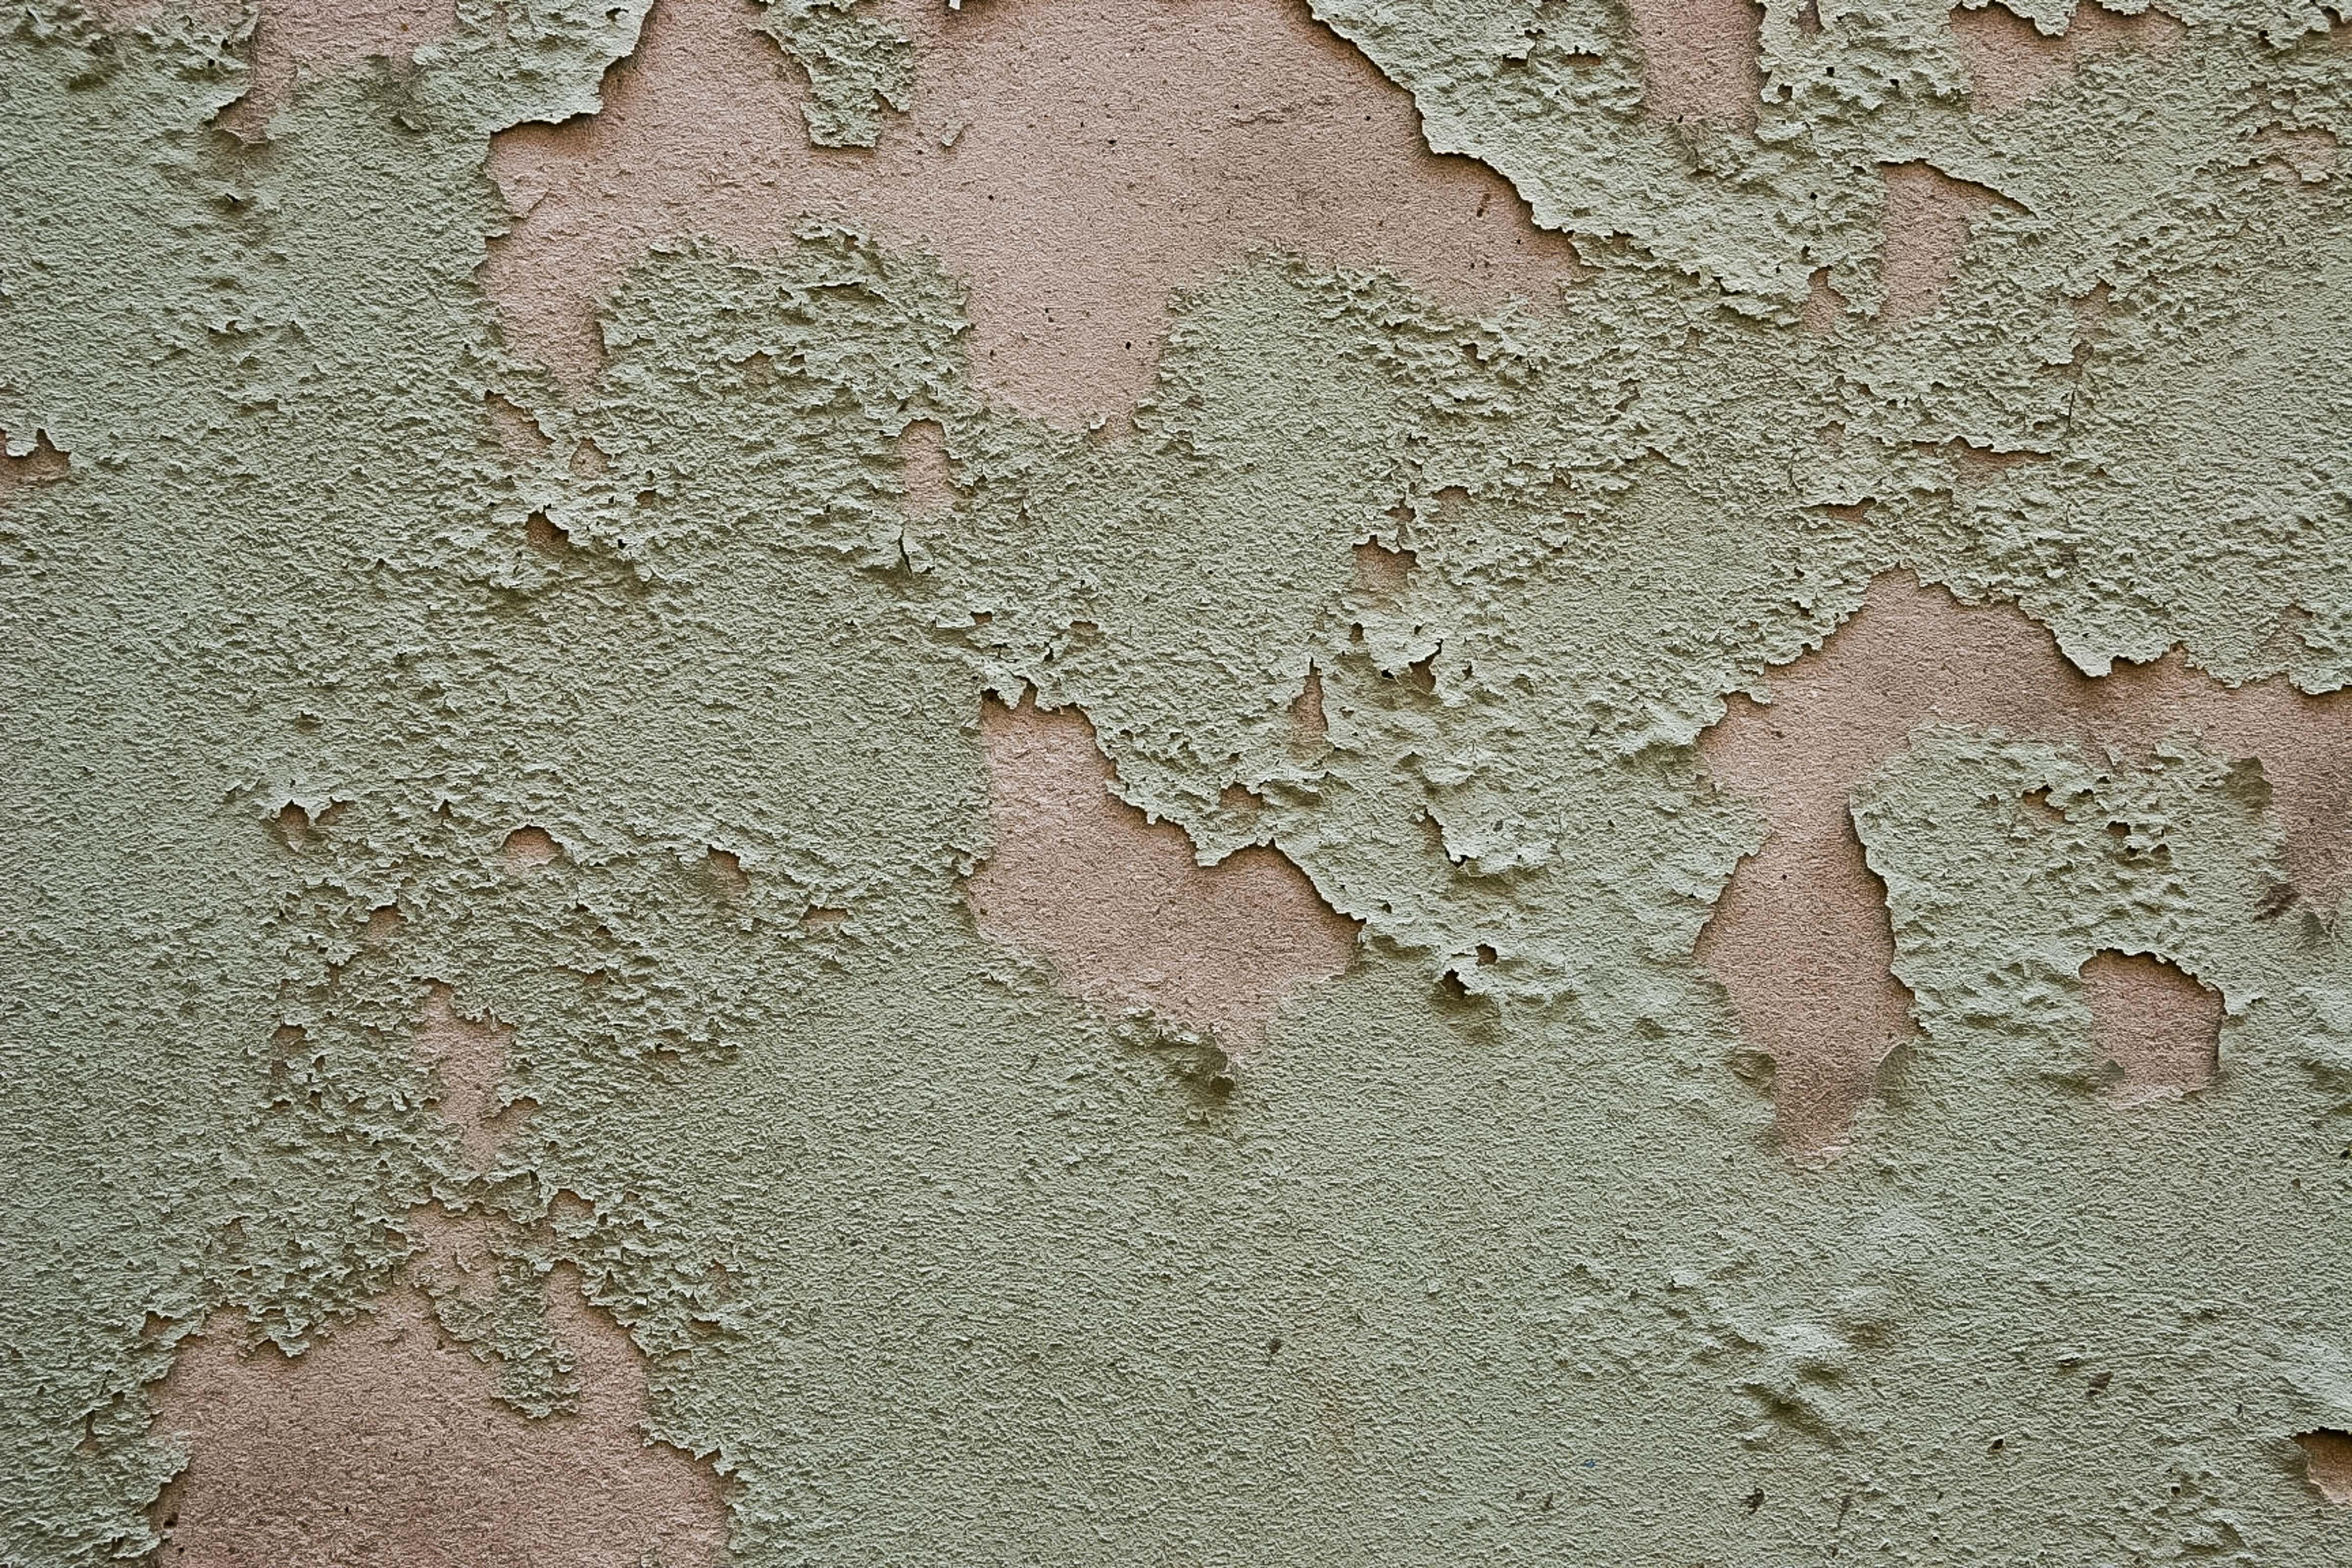 Slovenia, Koper Prov, Peeling Paint, 2006, IMG 7010